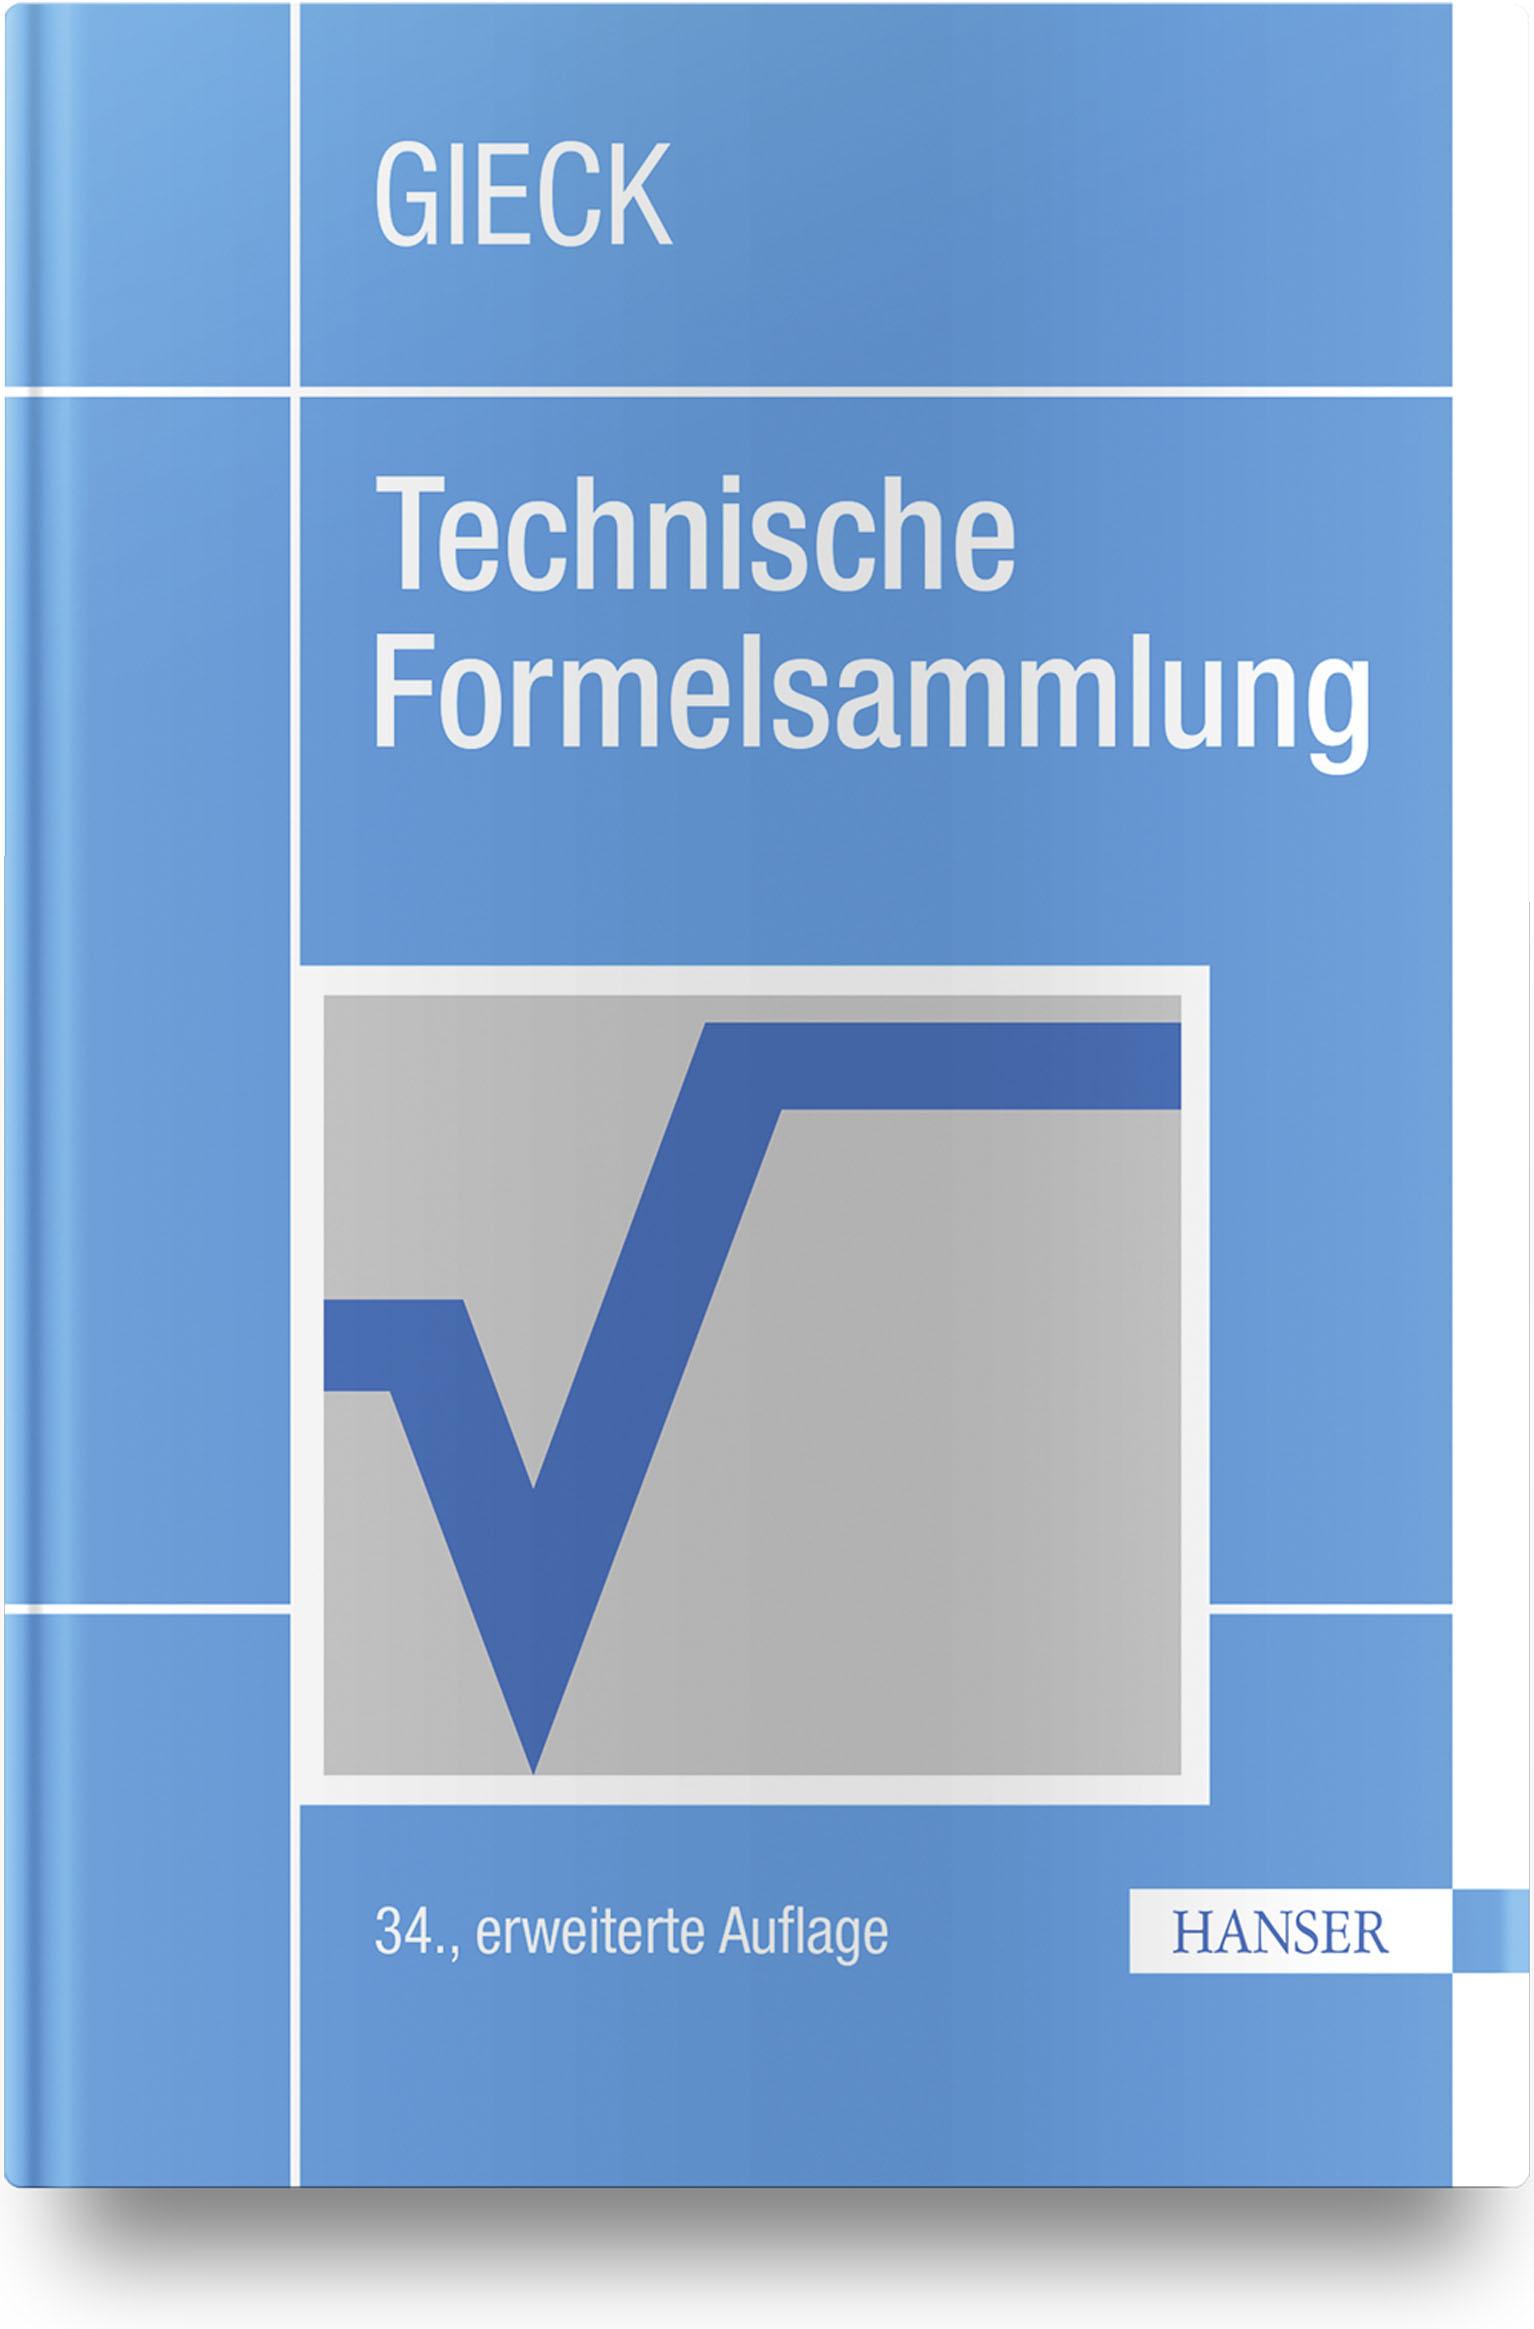 Gieck, Gieck, Technische Formelsammlung, 978-3-446-46115-4